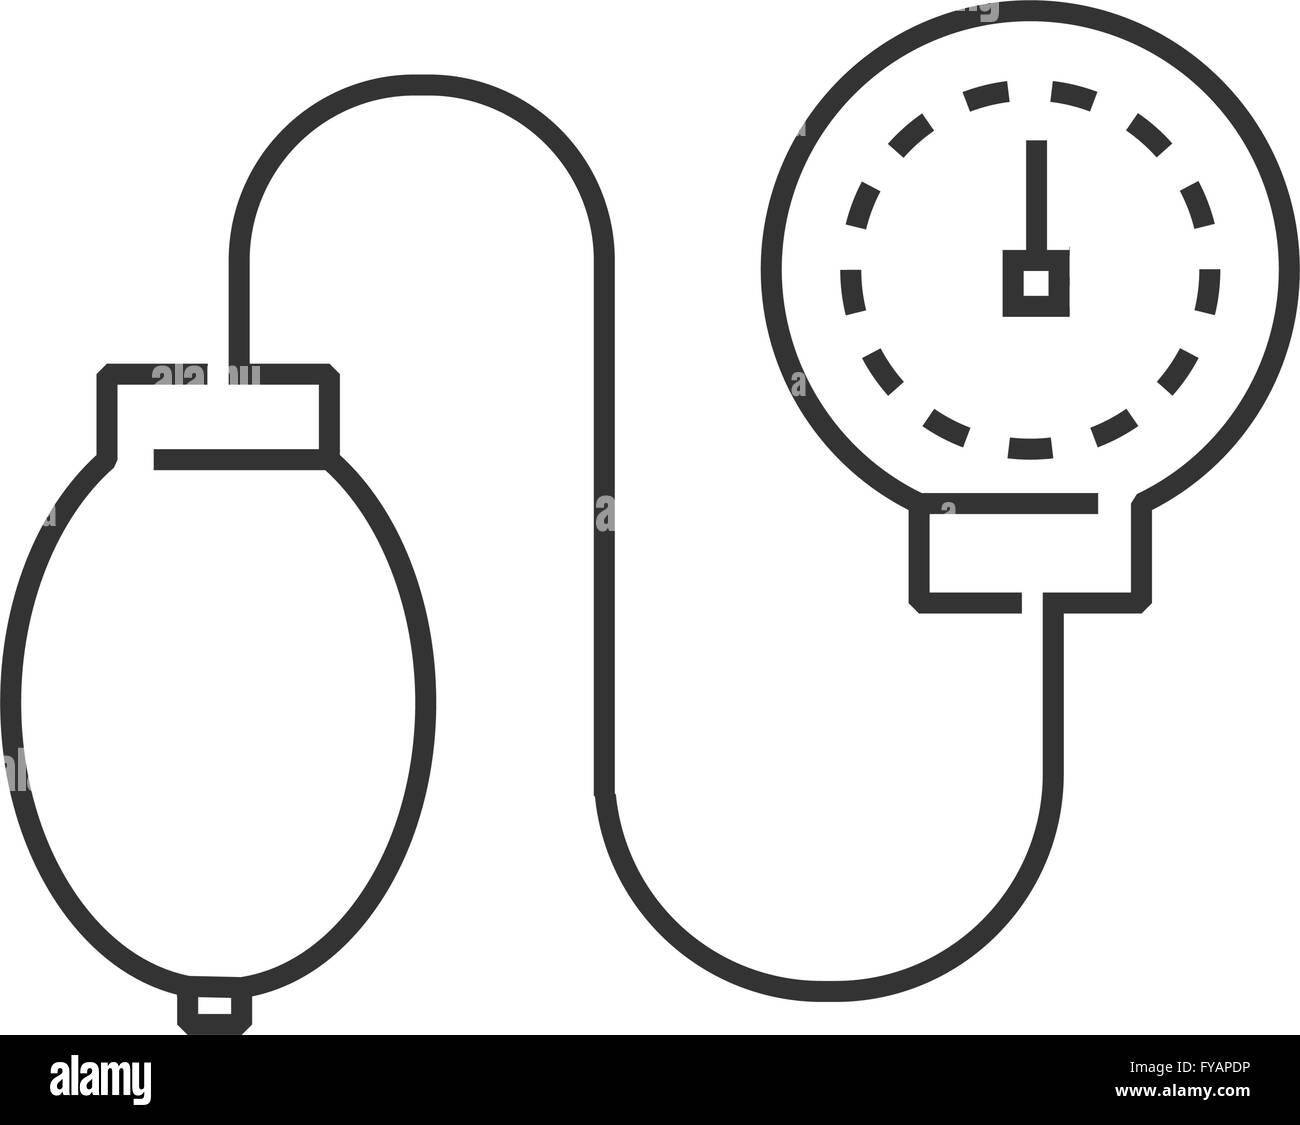 line icon Medical Device Icon, Check pressure - Stock Image